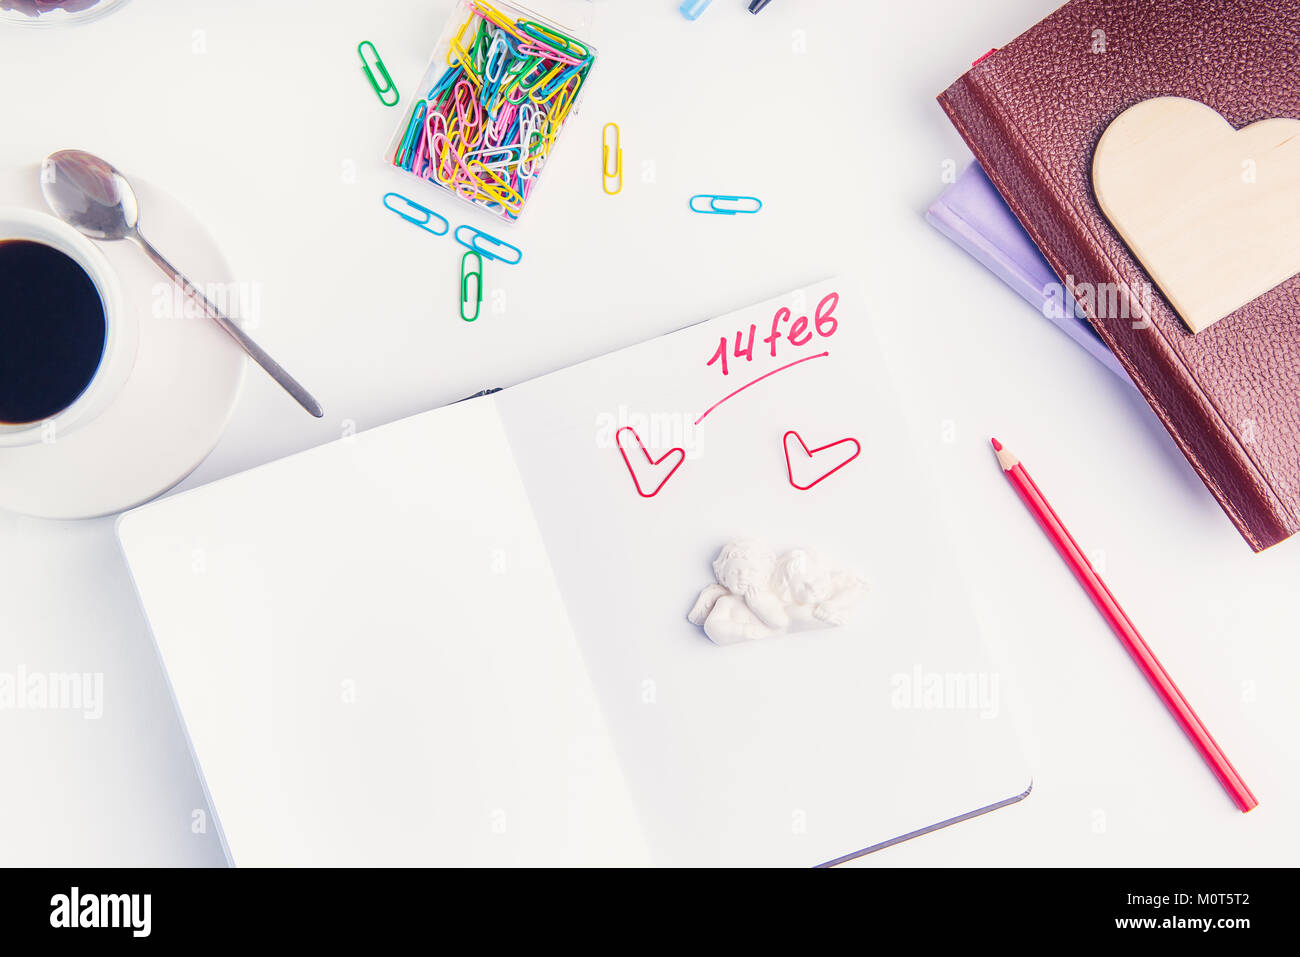 Rote Handschrift Nummer 14. Februar, dem Valentinstag, Text und Engel auf der persönlichen Organizer stauette auf dem Arbeitsplatz. Valentinstag Planung Konzept. Selektive konzentrieren. Stockfoto